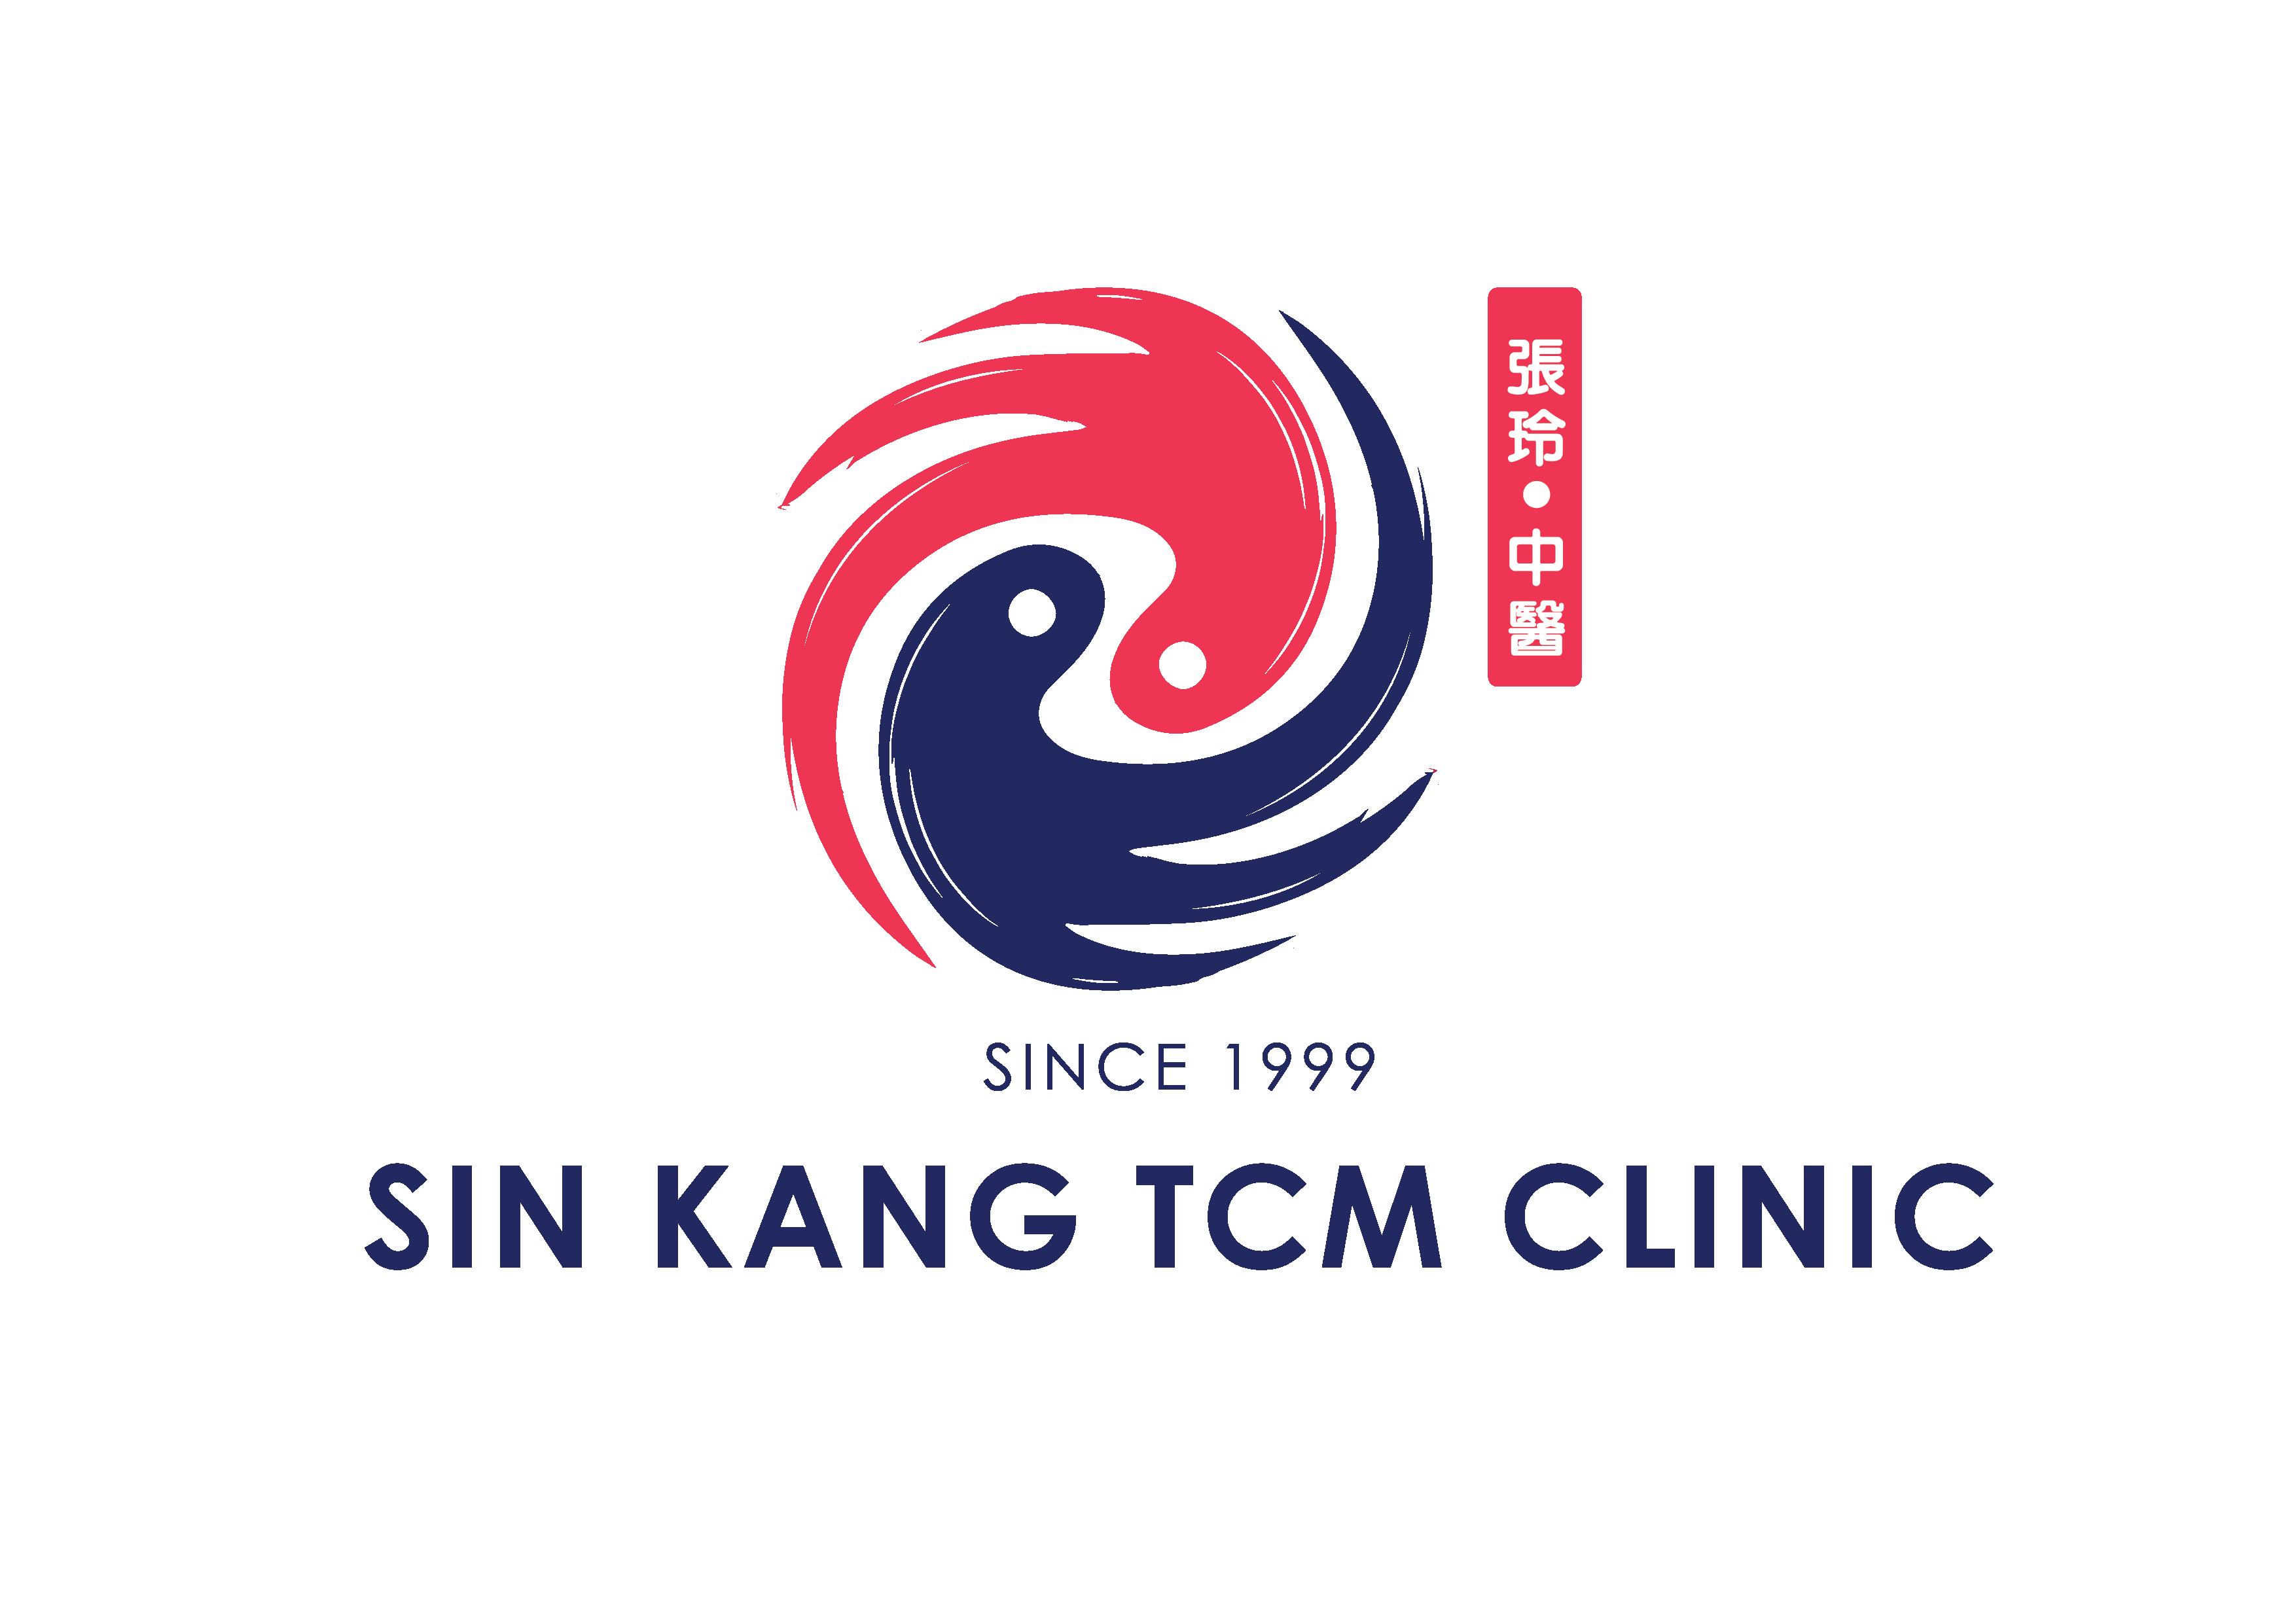 Stage 5_Chosen_Sinkang tcm-04